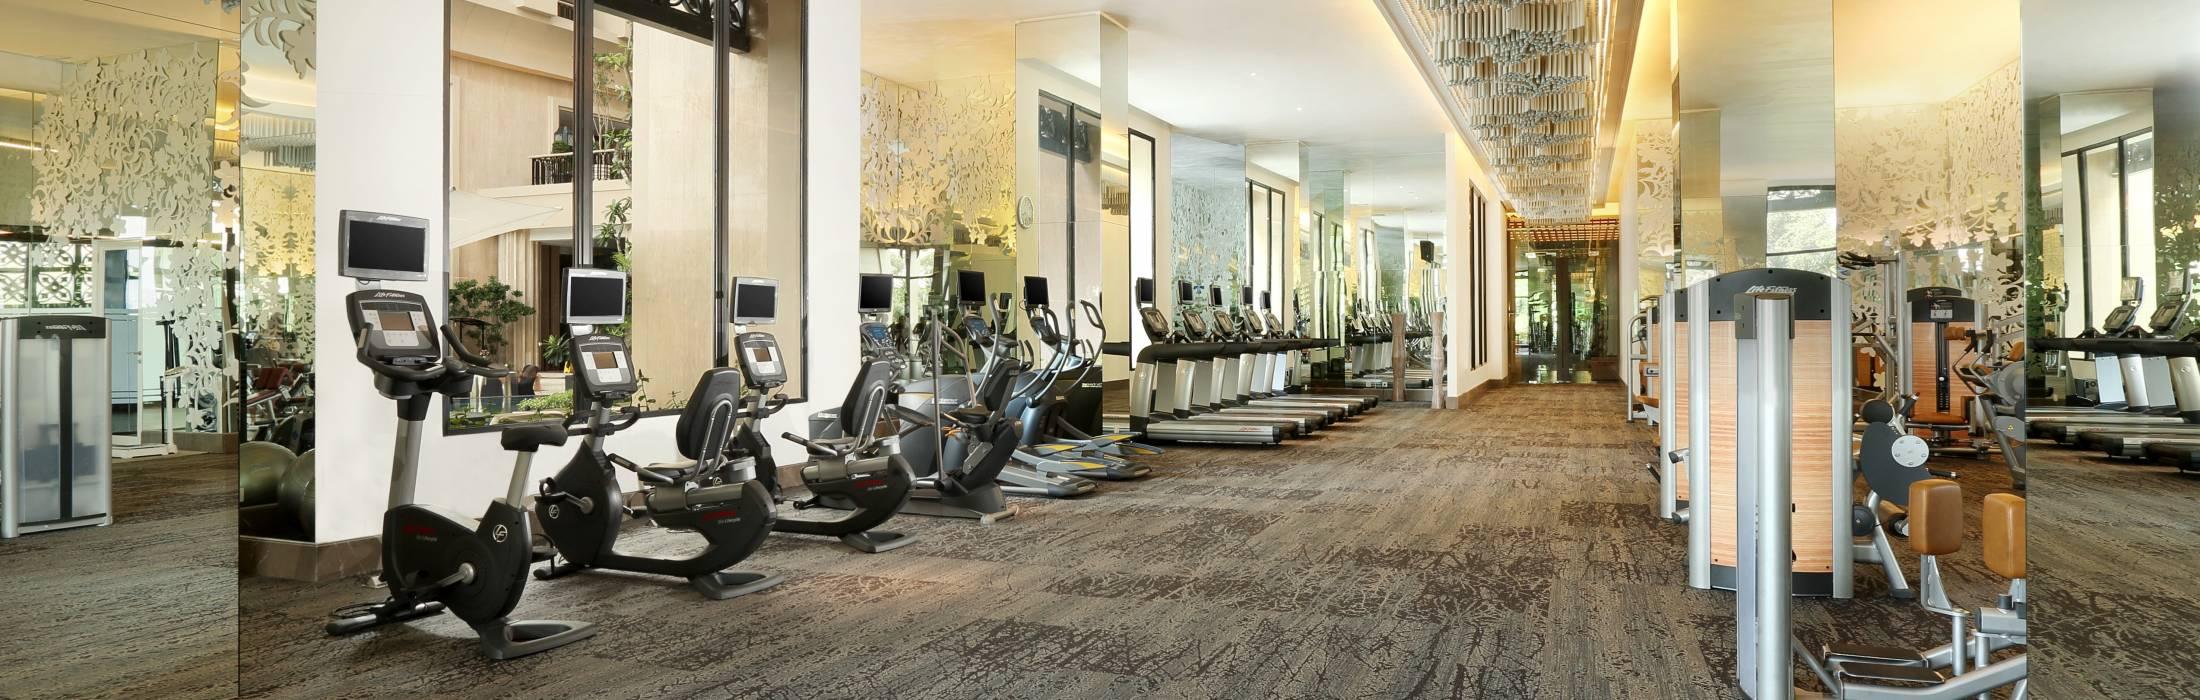 Gym in yogyakarta hotel tentrem yogyakarta